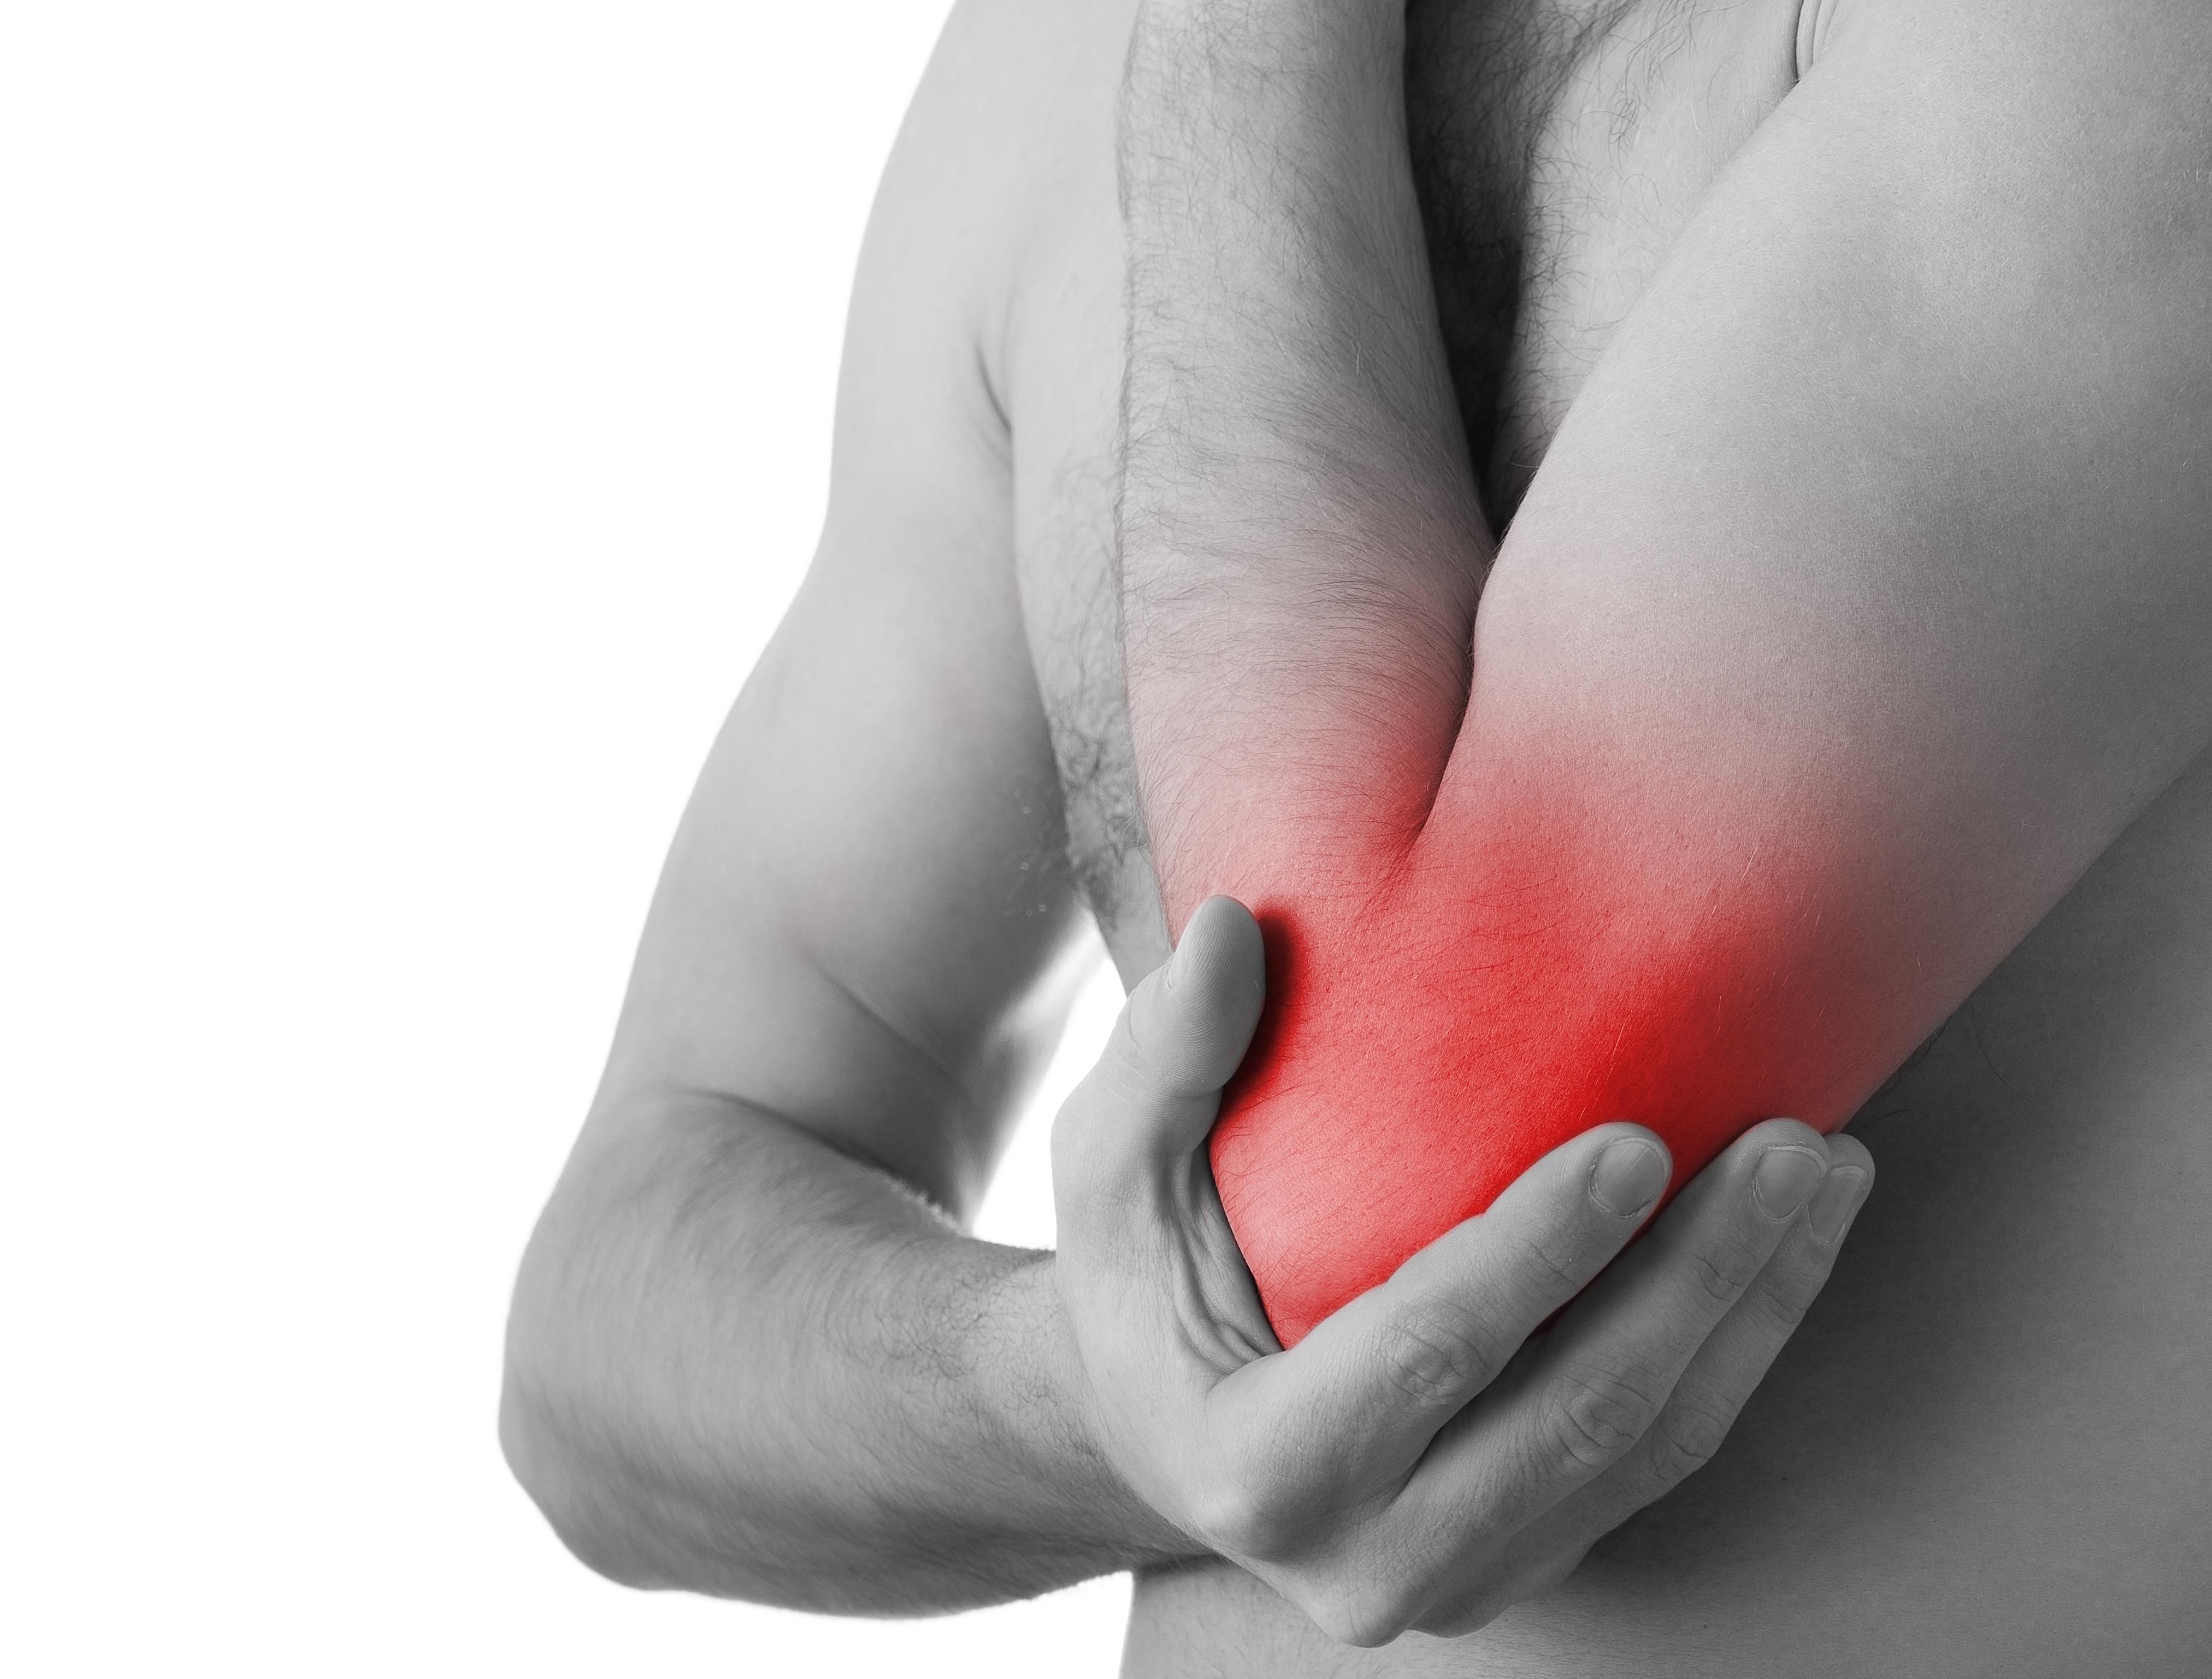 fájdalom a térd medialis oldalán gerincvelői csontok ízületi gyulladásainak spondylarthrosis tünetei